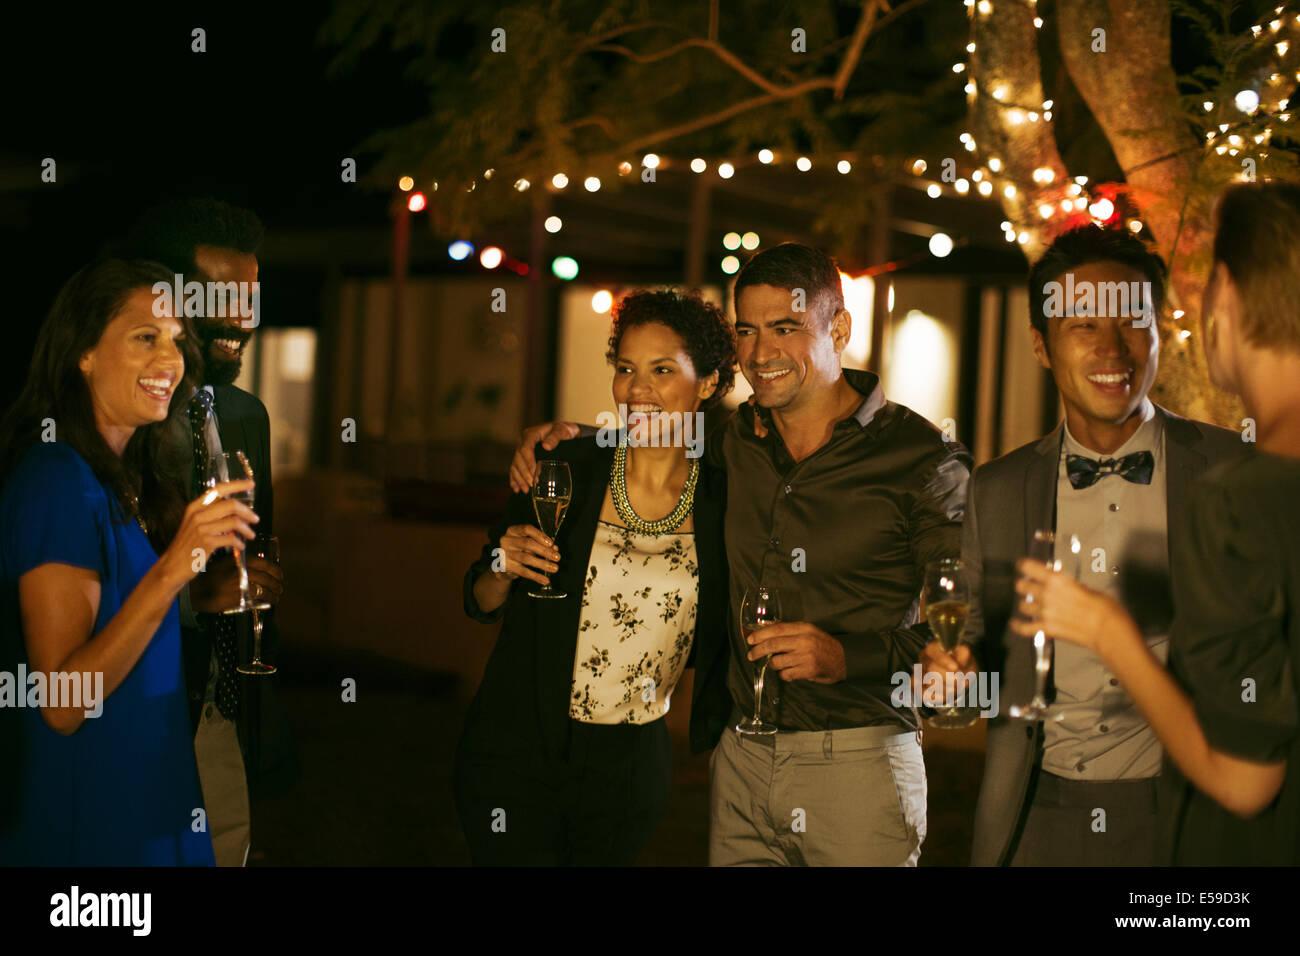 Les amis rient ensemble at party Photo Stock